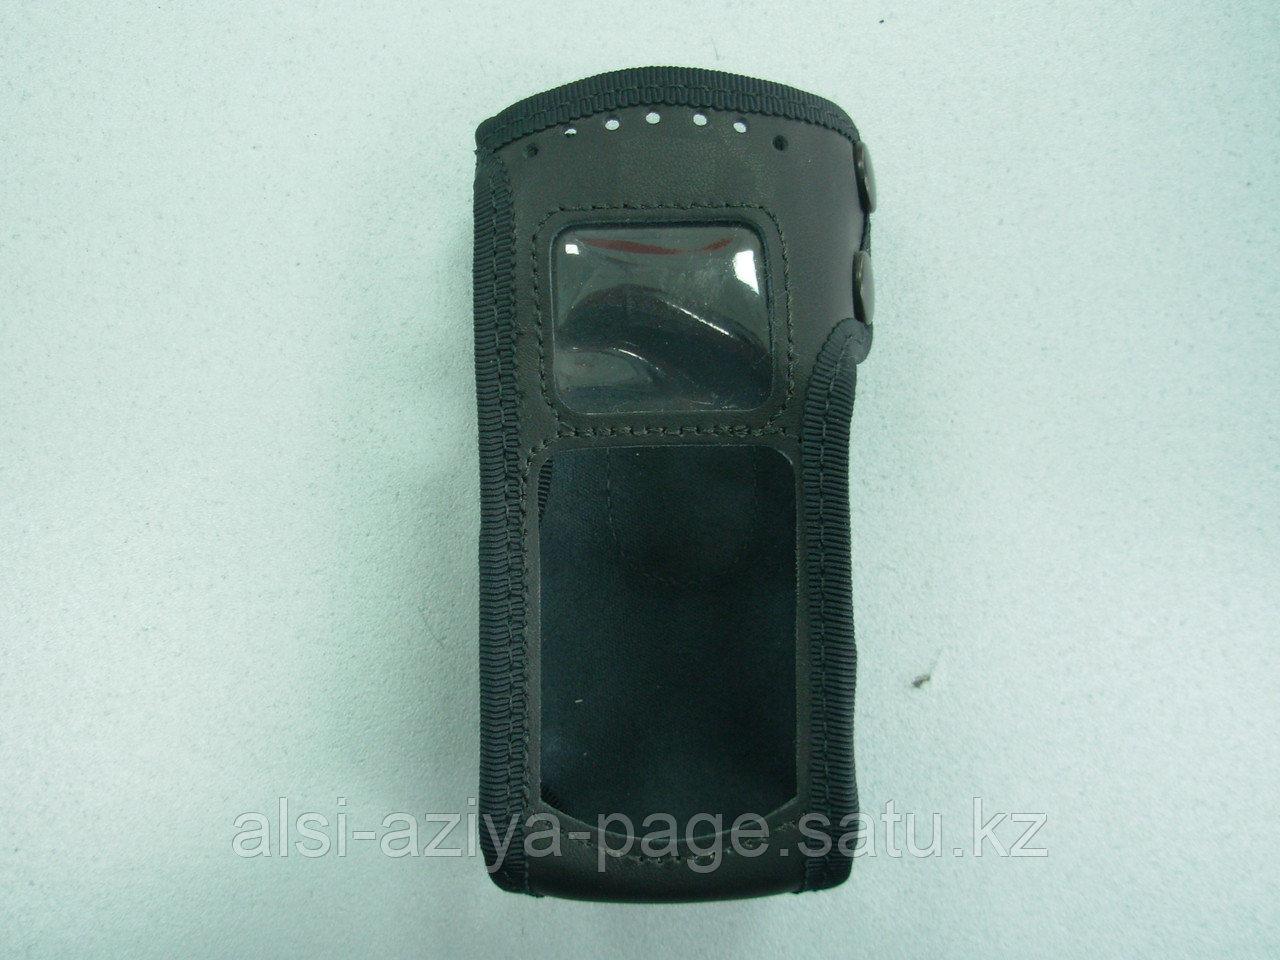 Чехол для радиостанций Motorola  MTP850/CEP400, легкий